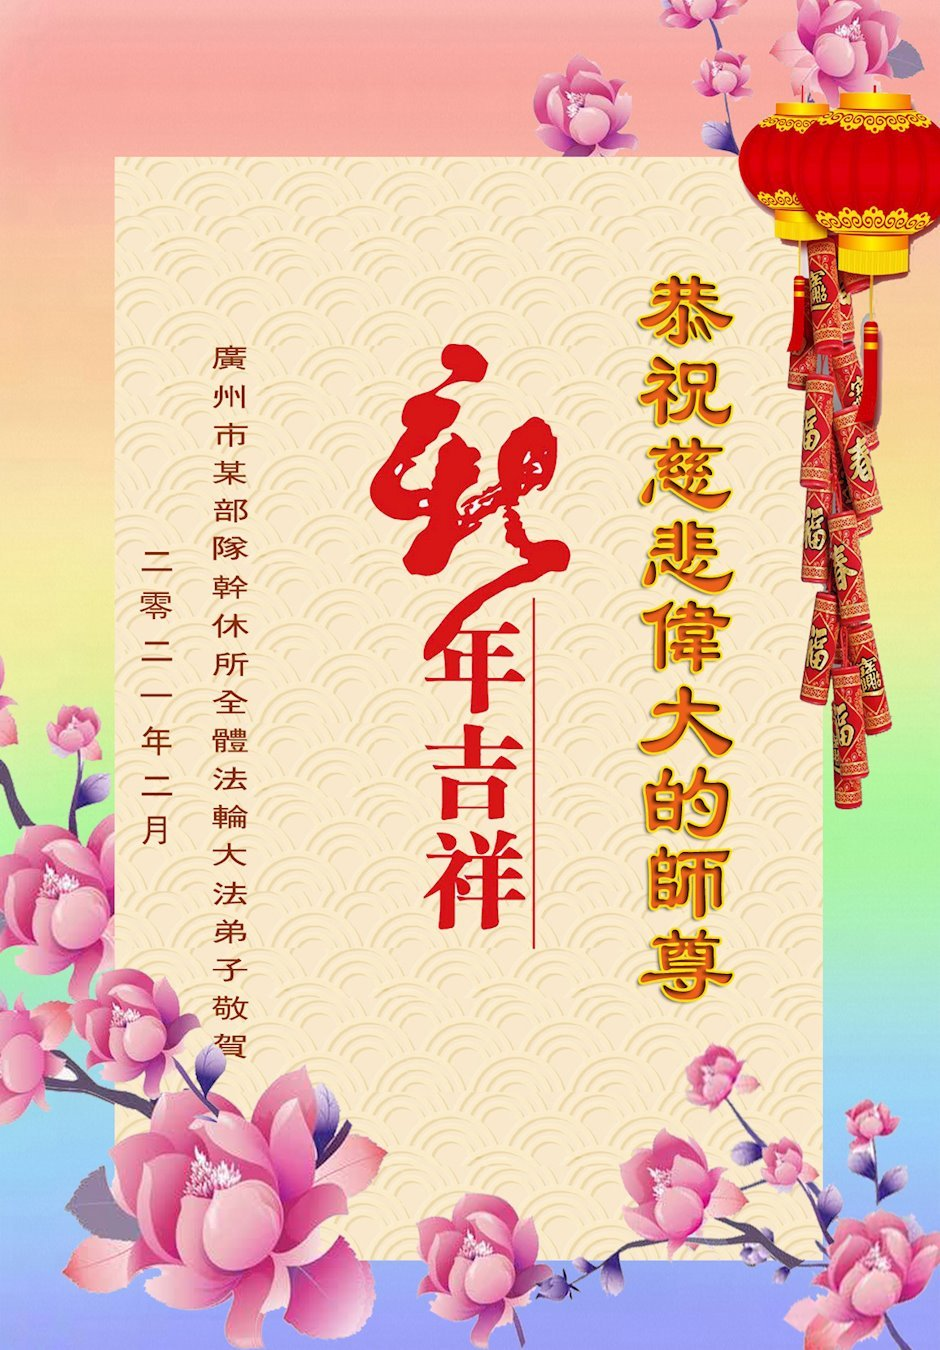 廣東省廣州市某部隊幹休所全體法輪大法弟子恭祝李洪志先生新年快樂!(明慧網)